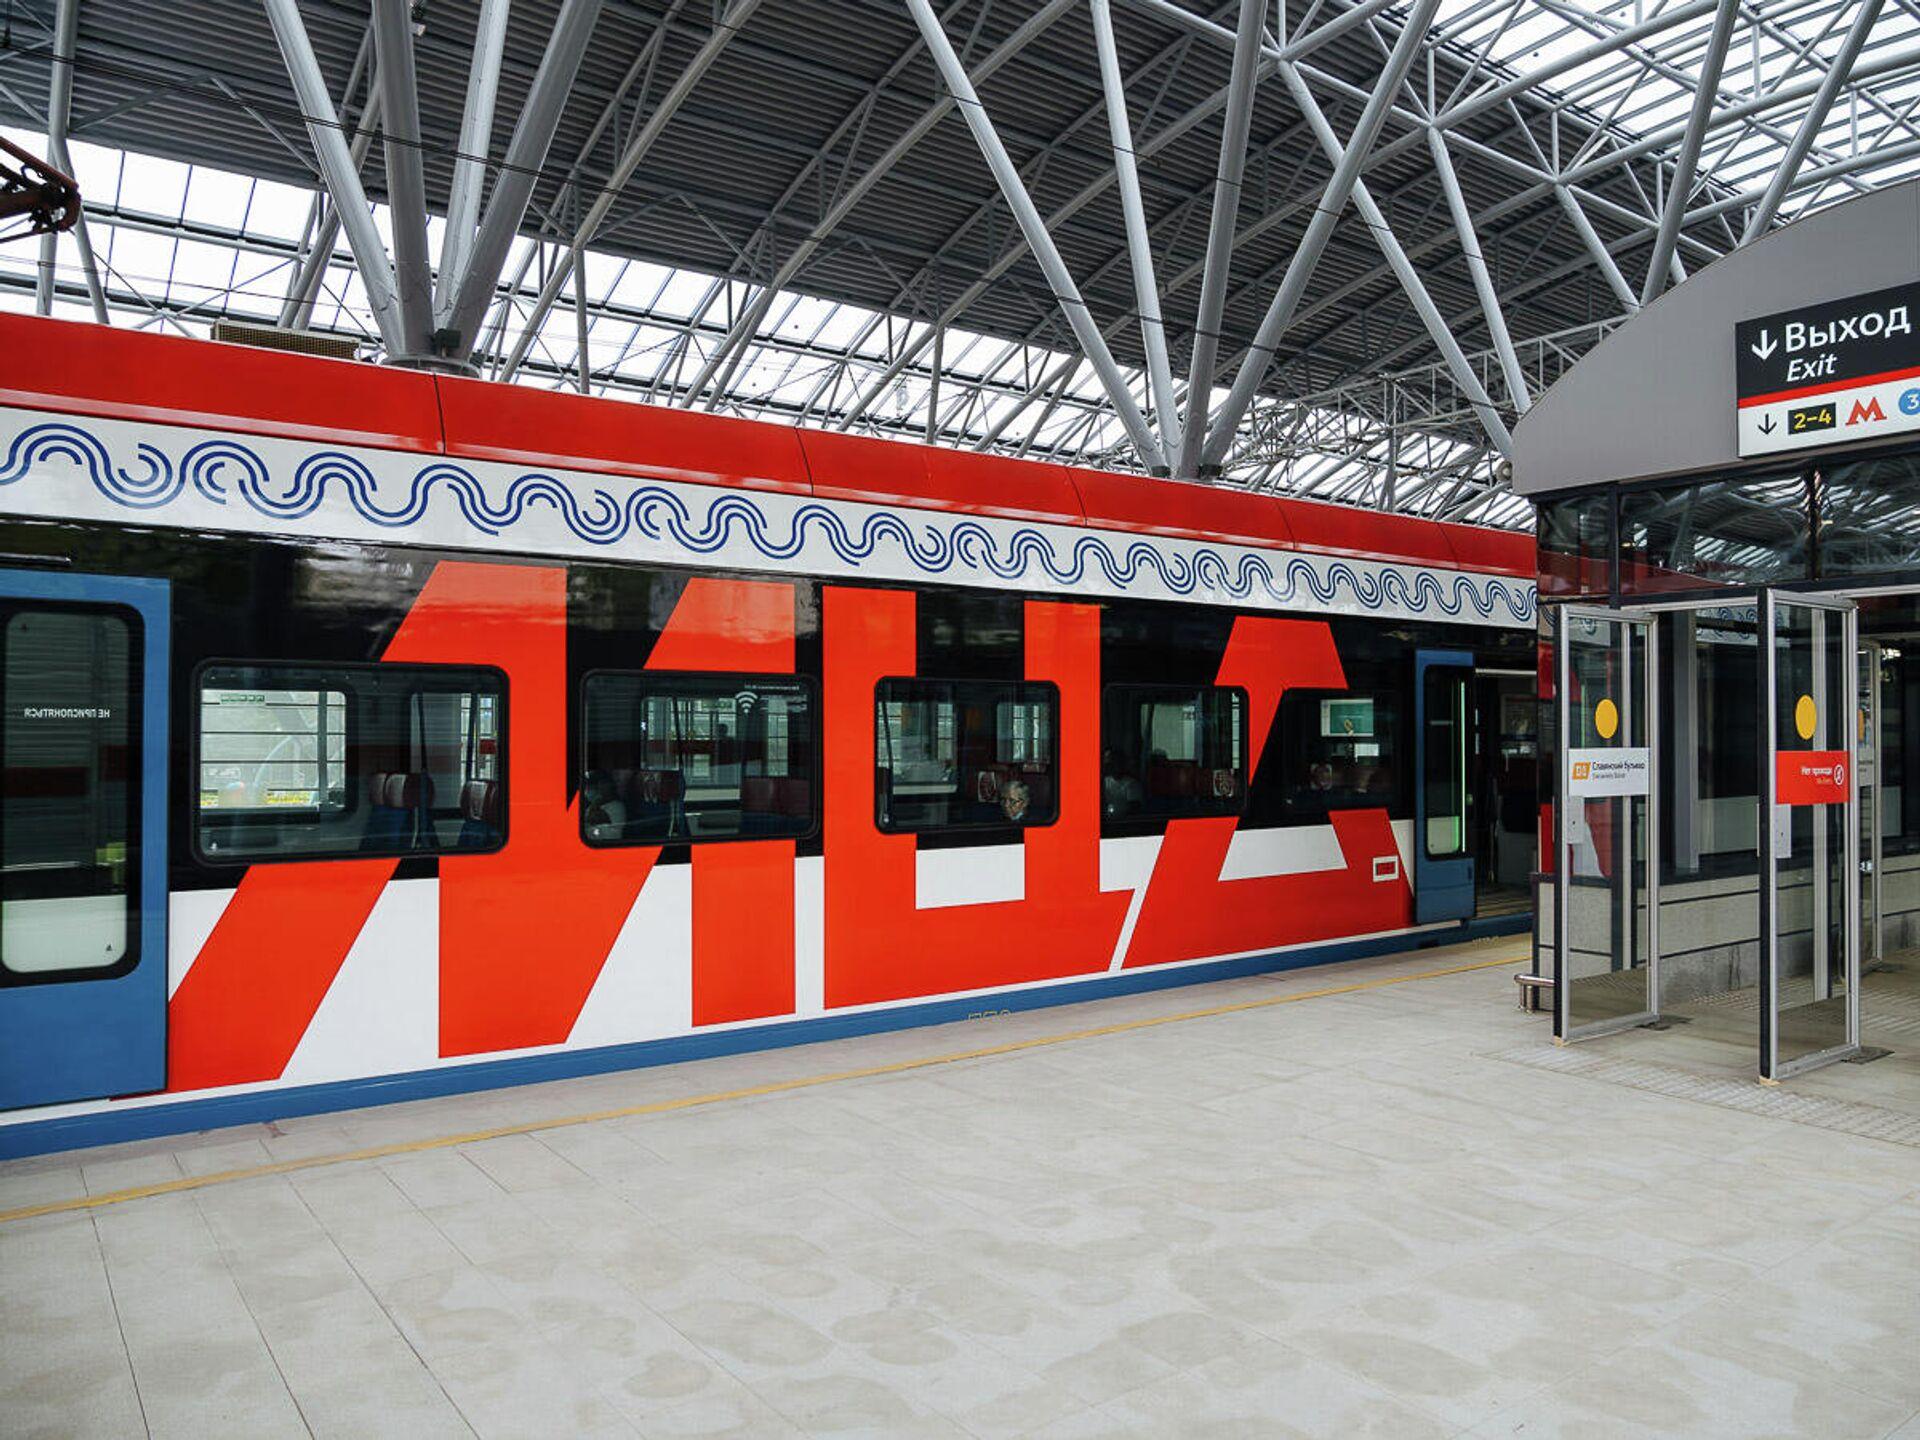 Электропоезд на станции МЦД - РИА Новости, 1920, 16.10.2020